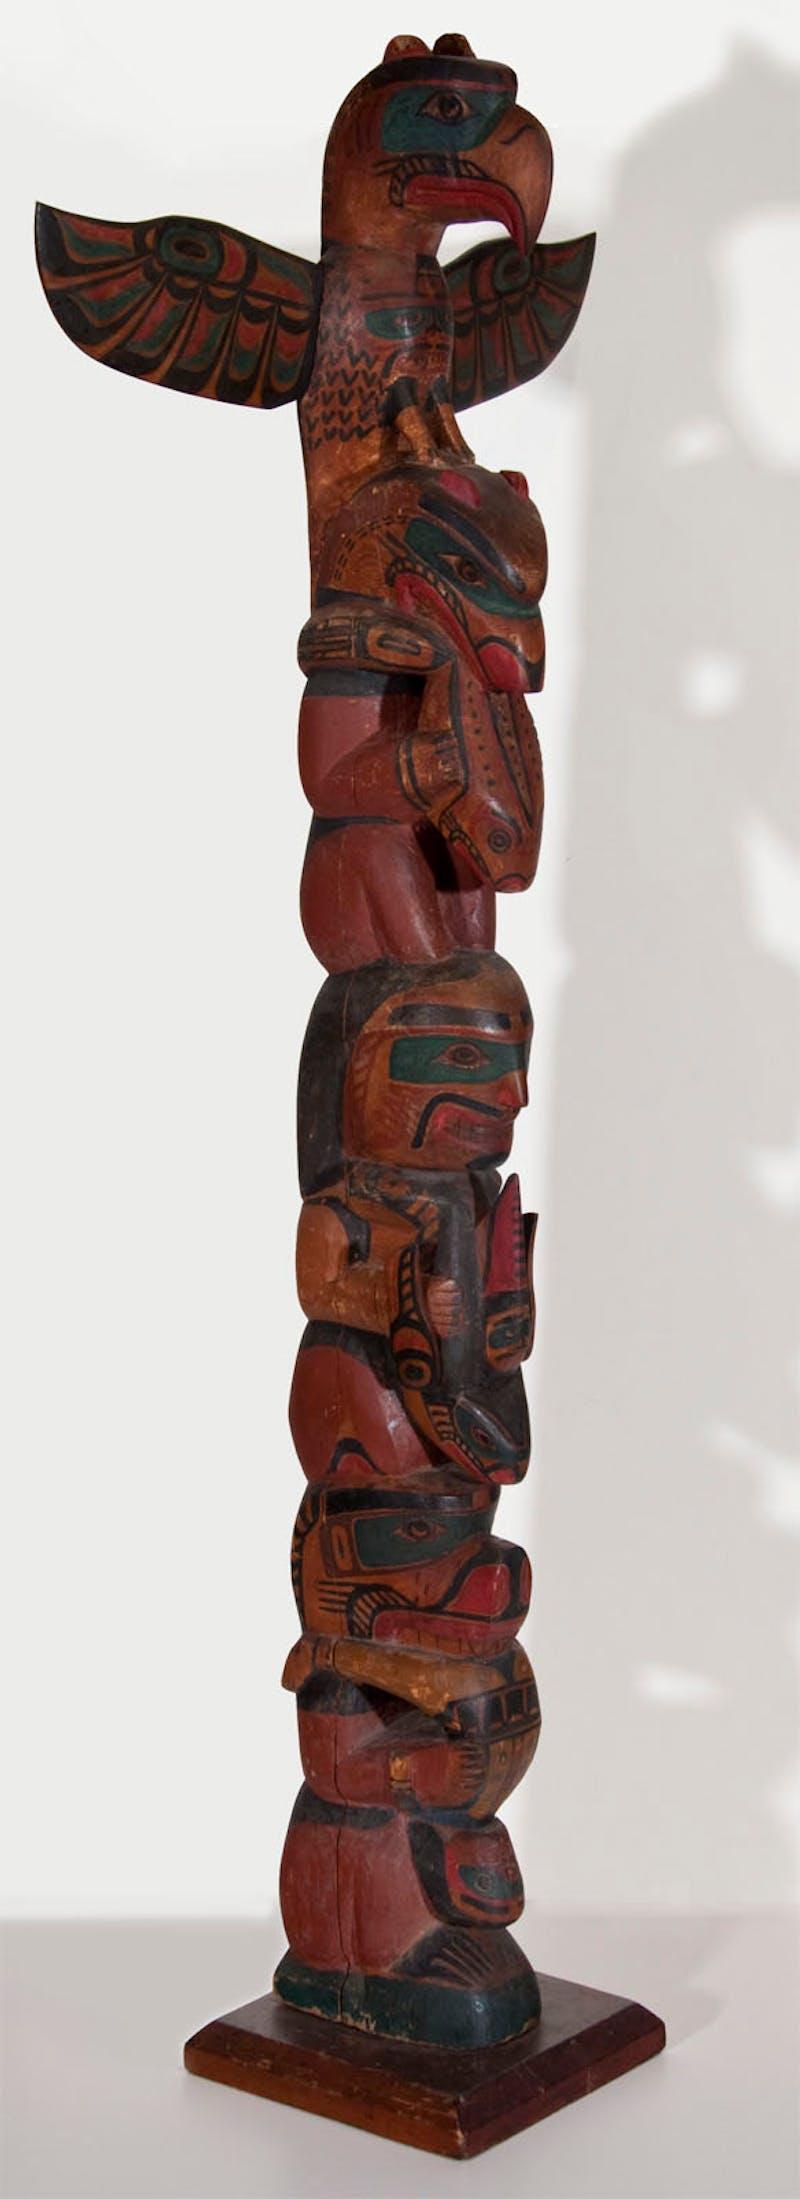 Alert Bay Totem